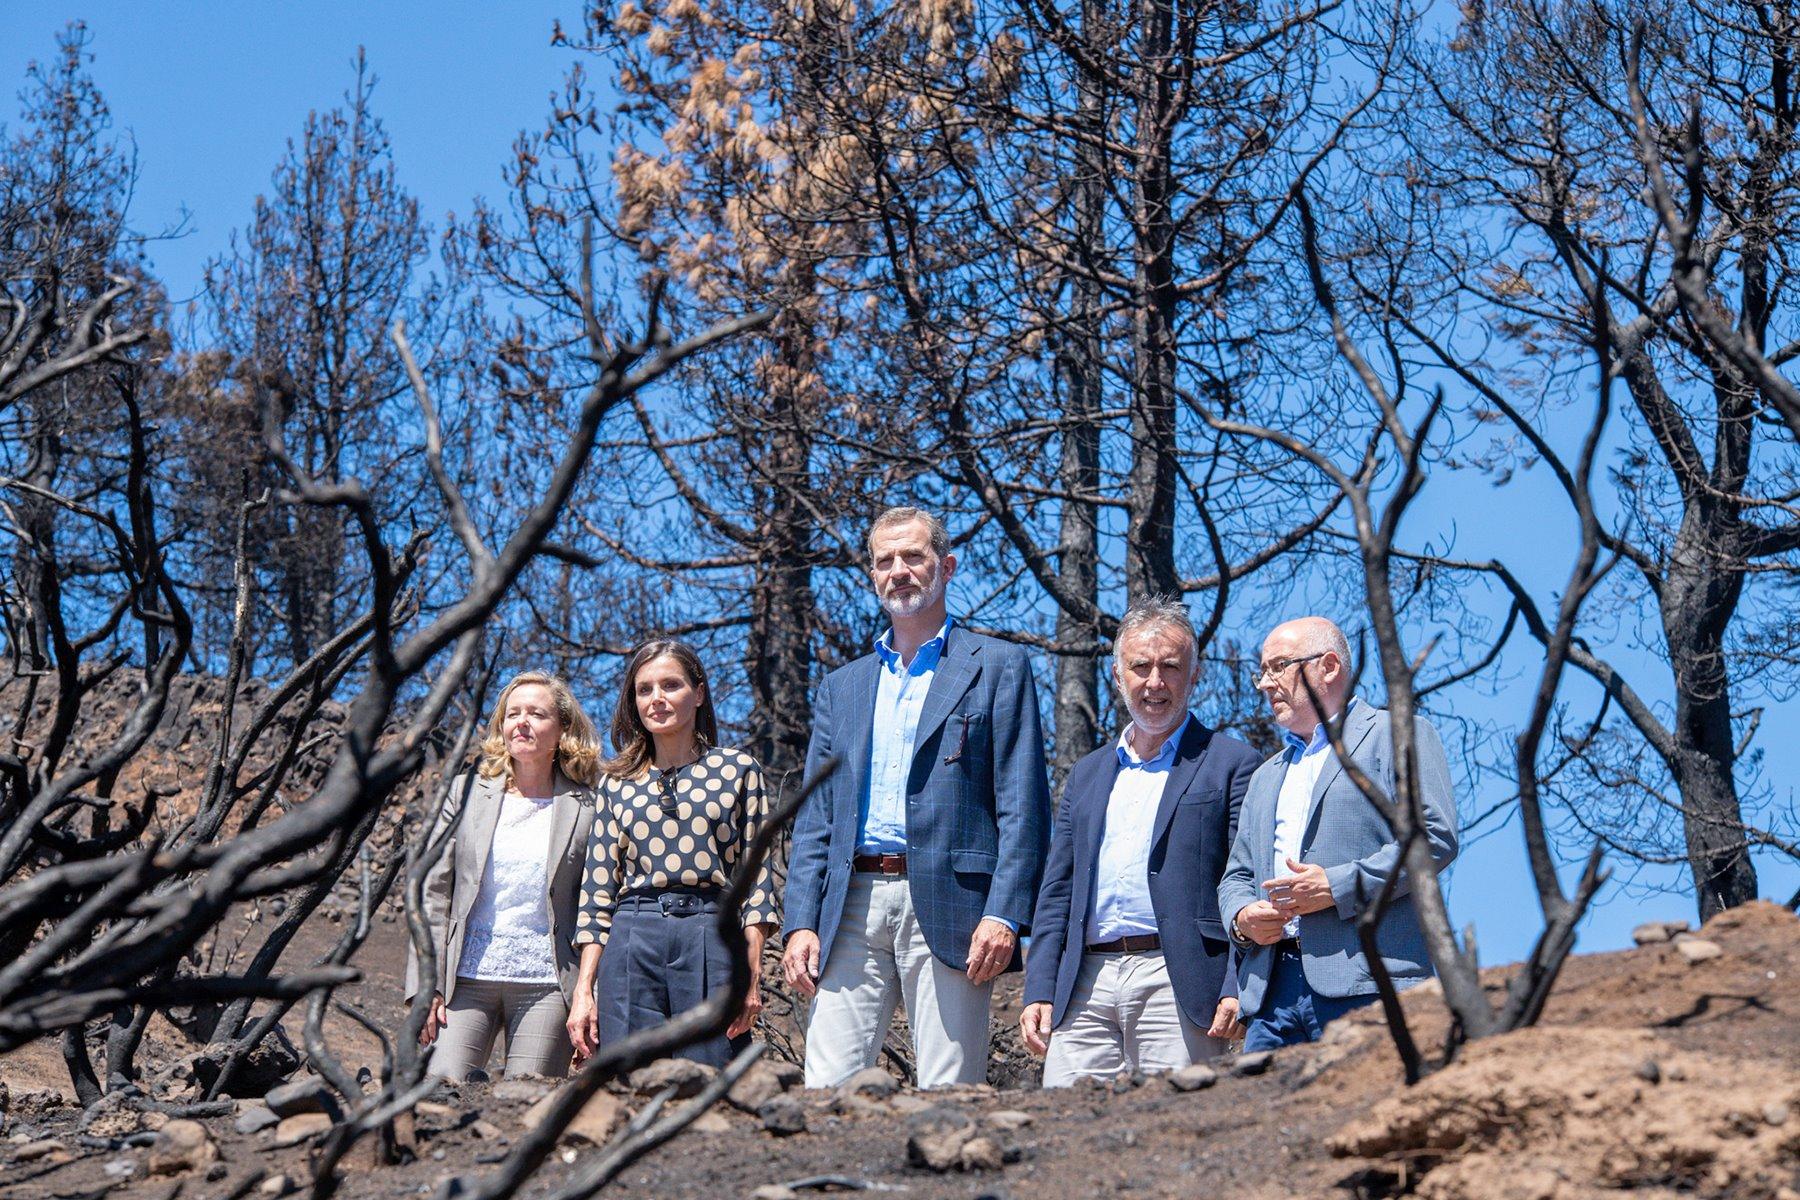 Los Reyes en su última visita al Archipiélago, en el mes de septiembre, tras los incendios del pasado verano en la isla de Gran Canaria. Europa Press